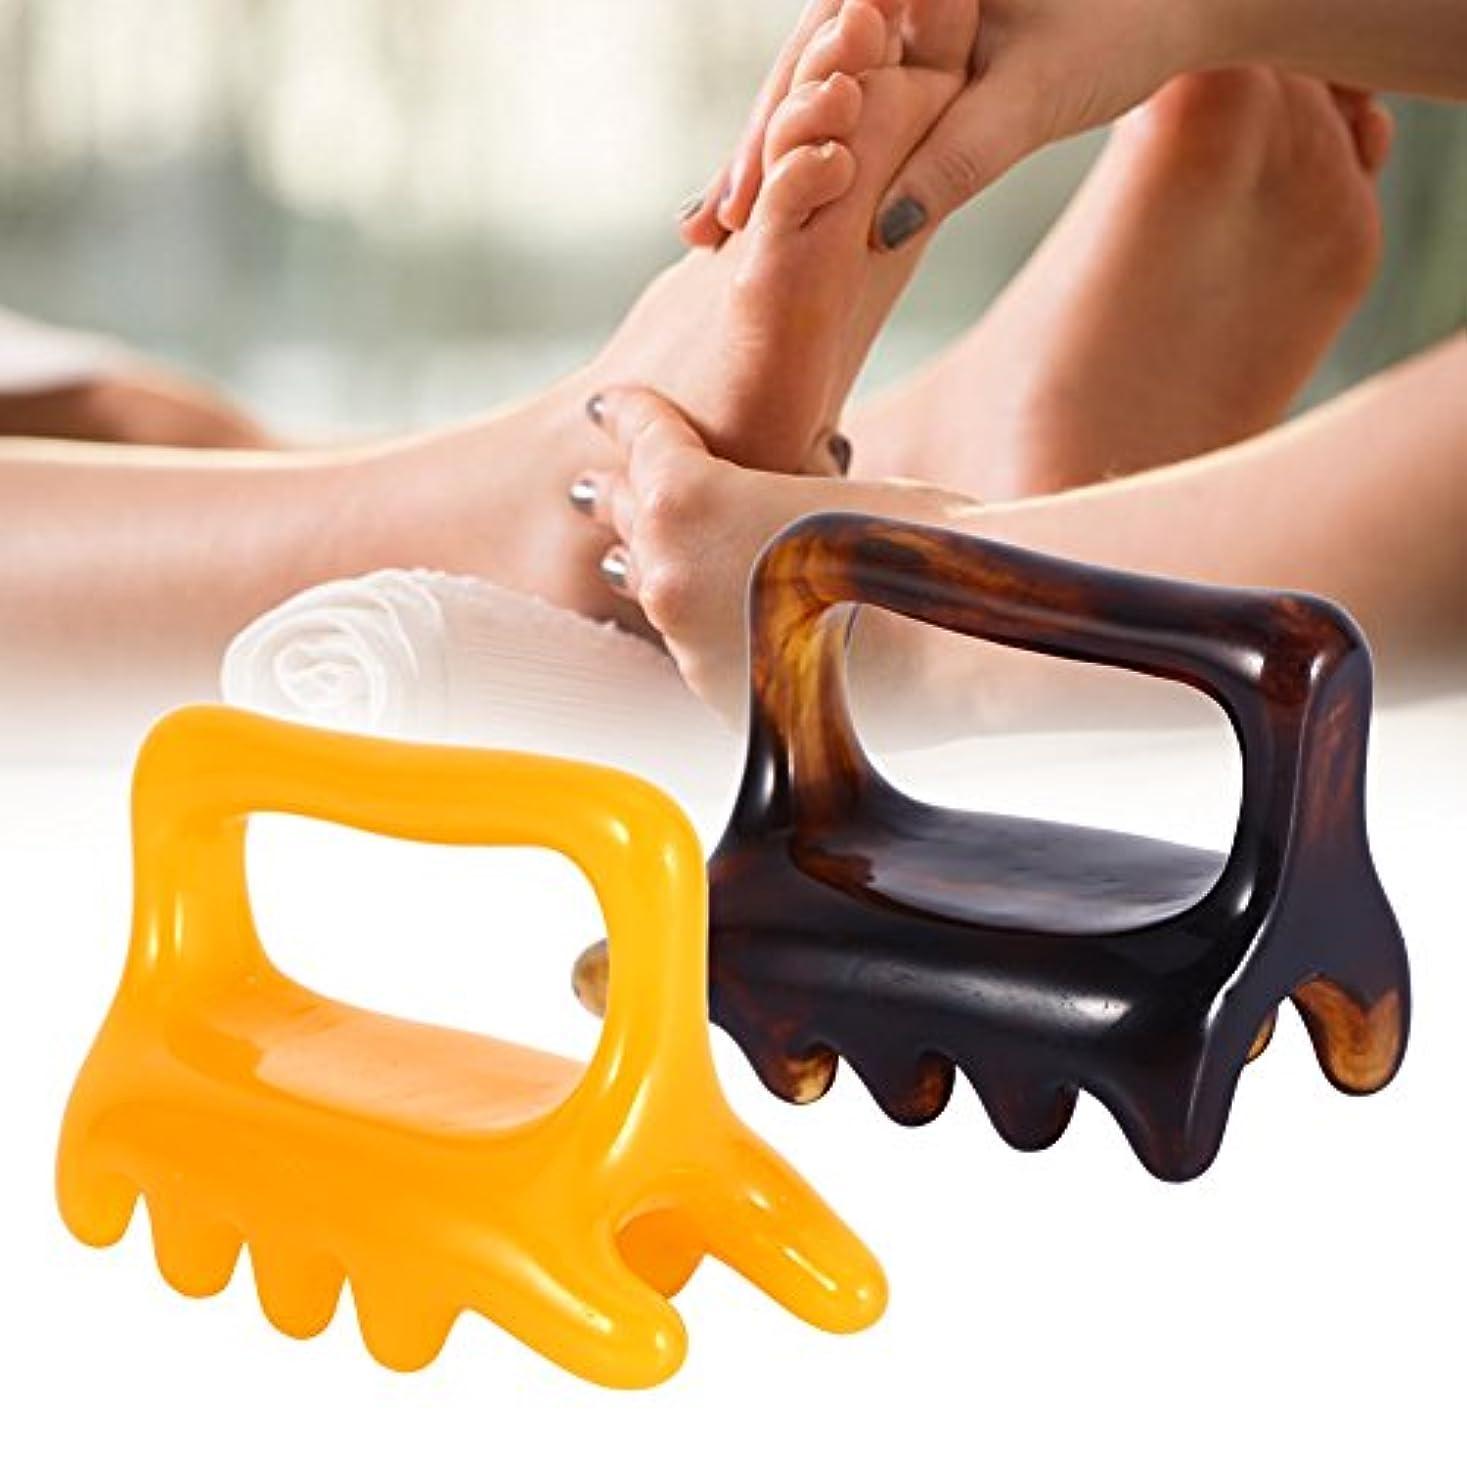 仕事に行く愛情深いサッカー1pc Face/Body Massage resin Gua Sha acupress toolオカリナ型 カッサ ツボ押し蜜蝋 マッサジ棒 (Yellow)